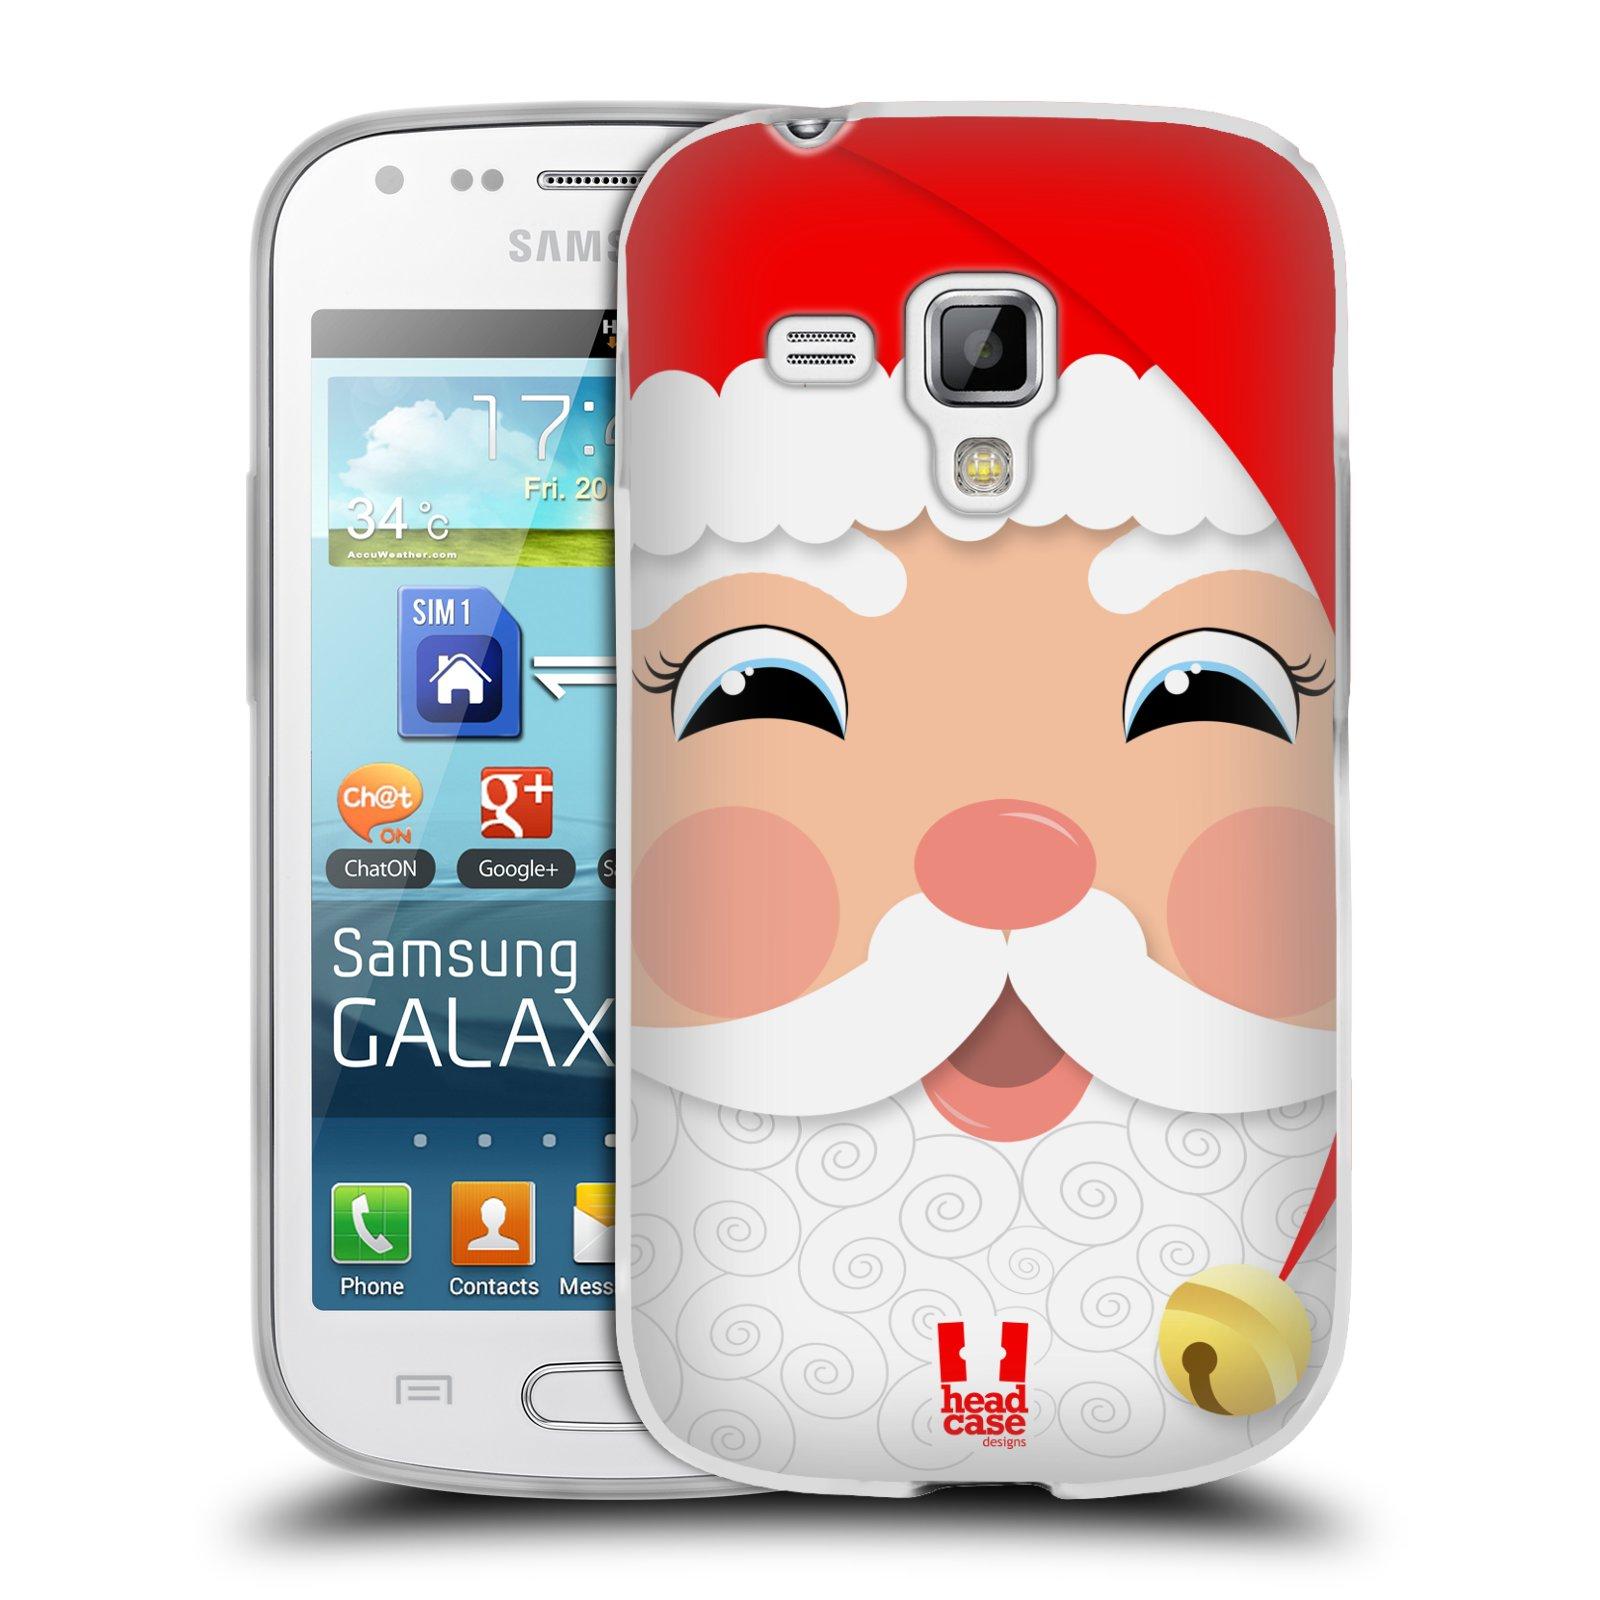 Silikonové pouzdro na mobil Samsung Galaxy S Duos 2 HEAD CASE VÁNOCE SANTA (Silikonový kryt či obal na mobilní telefon Samsung Galaxy S Duos 2 GT-S7582)